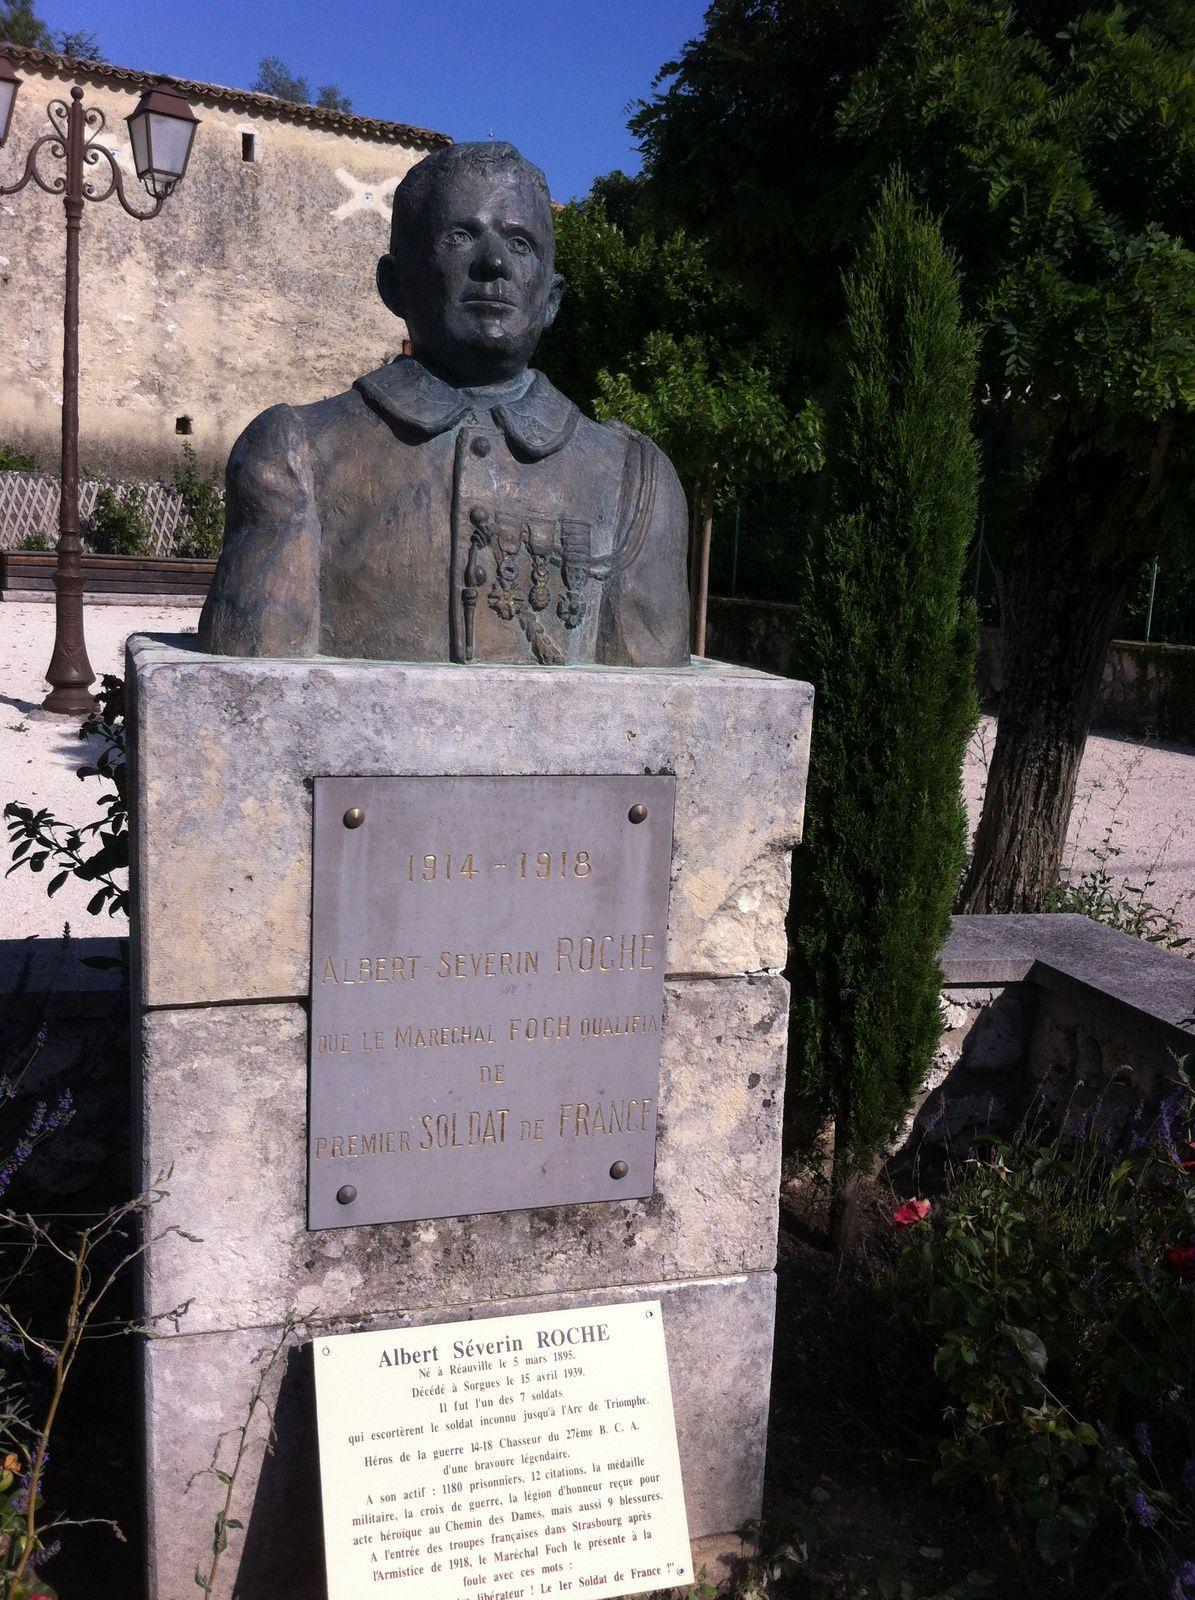 1914-1918 Albert-Severin ROCHE que le Maréchal FOCH qualifia de premier soldat de France. Une stèle en sa mémoire a été inaugurée à Réauville en 1971 par le Maire de l'époque, Gabriel JARNIAC.